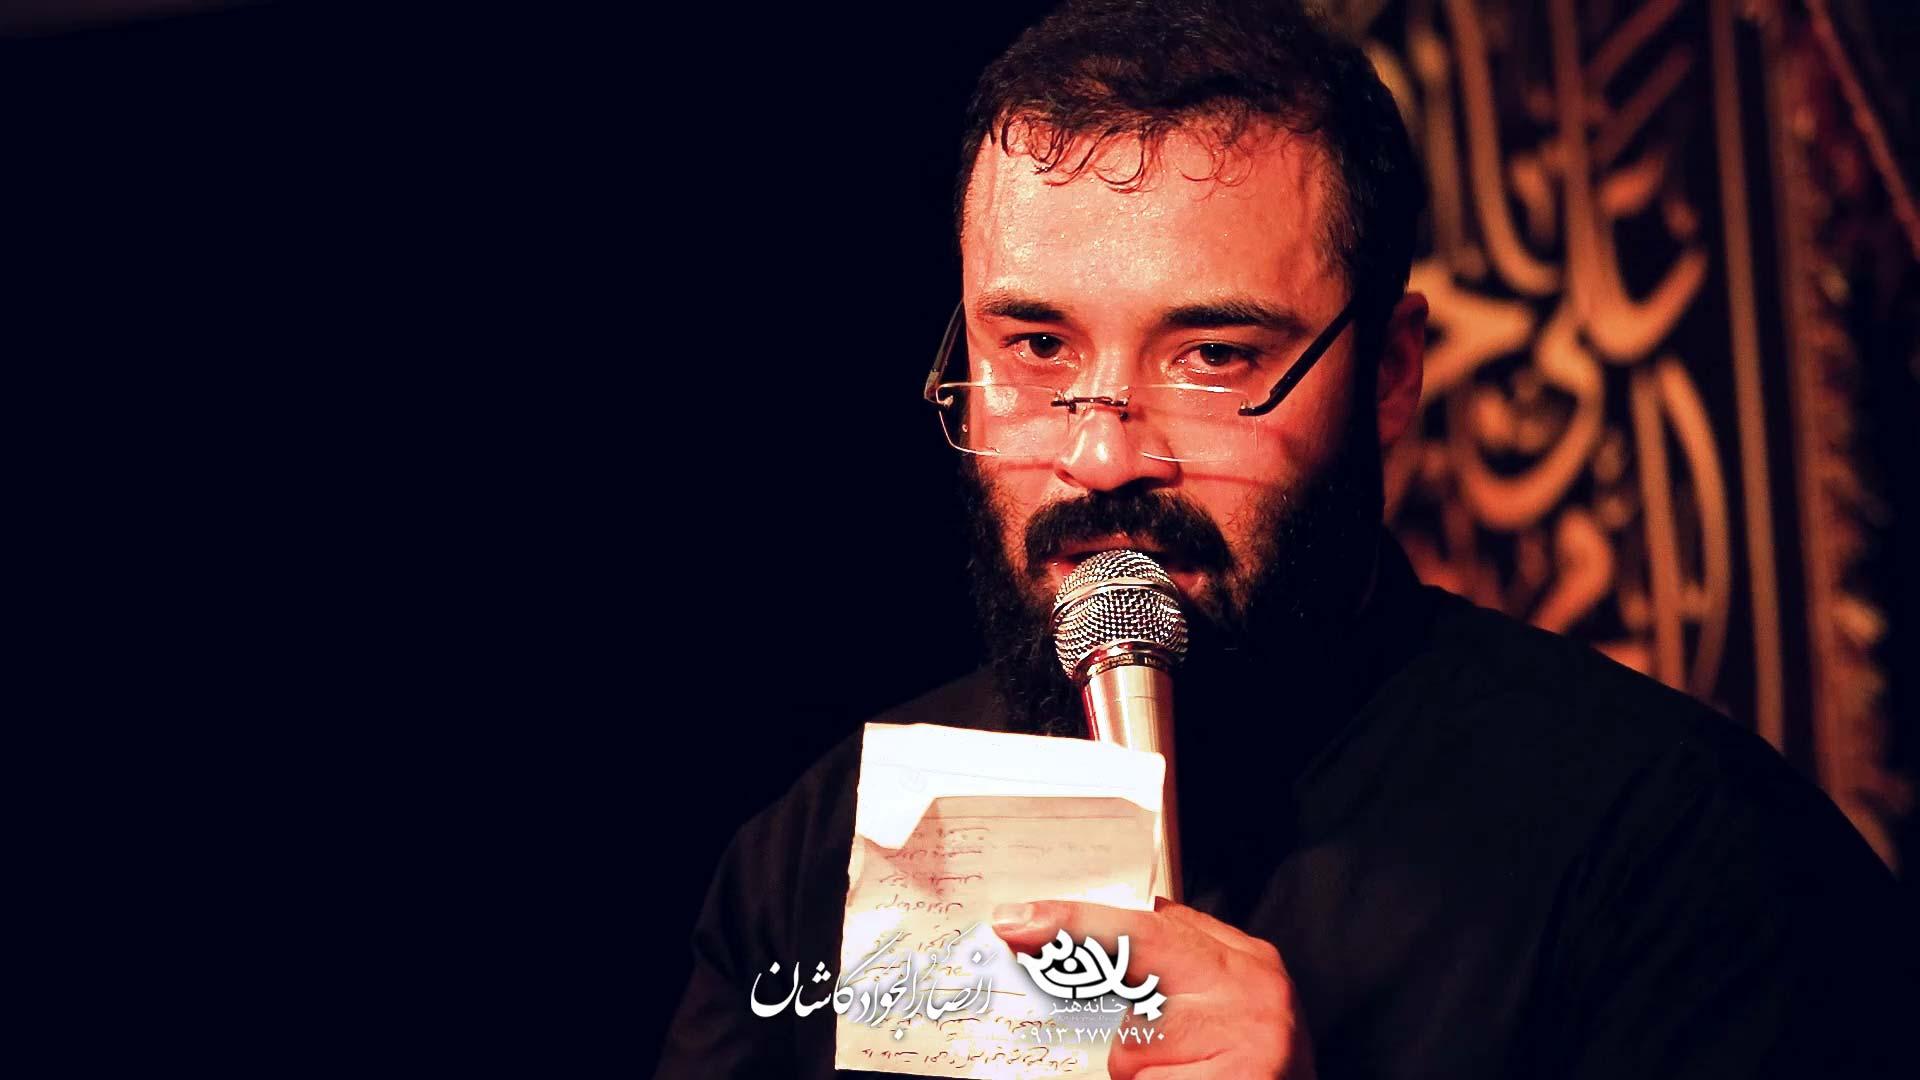 کتب فی اللهوف عبدالرضا هلالی